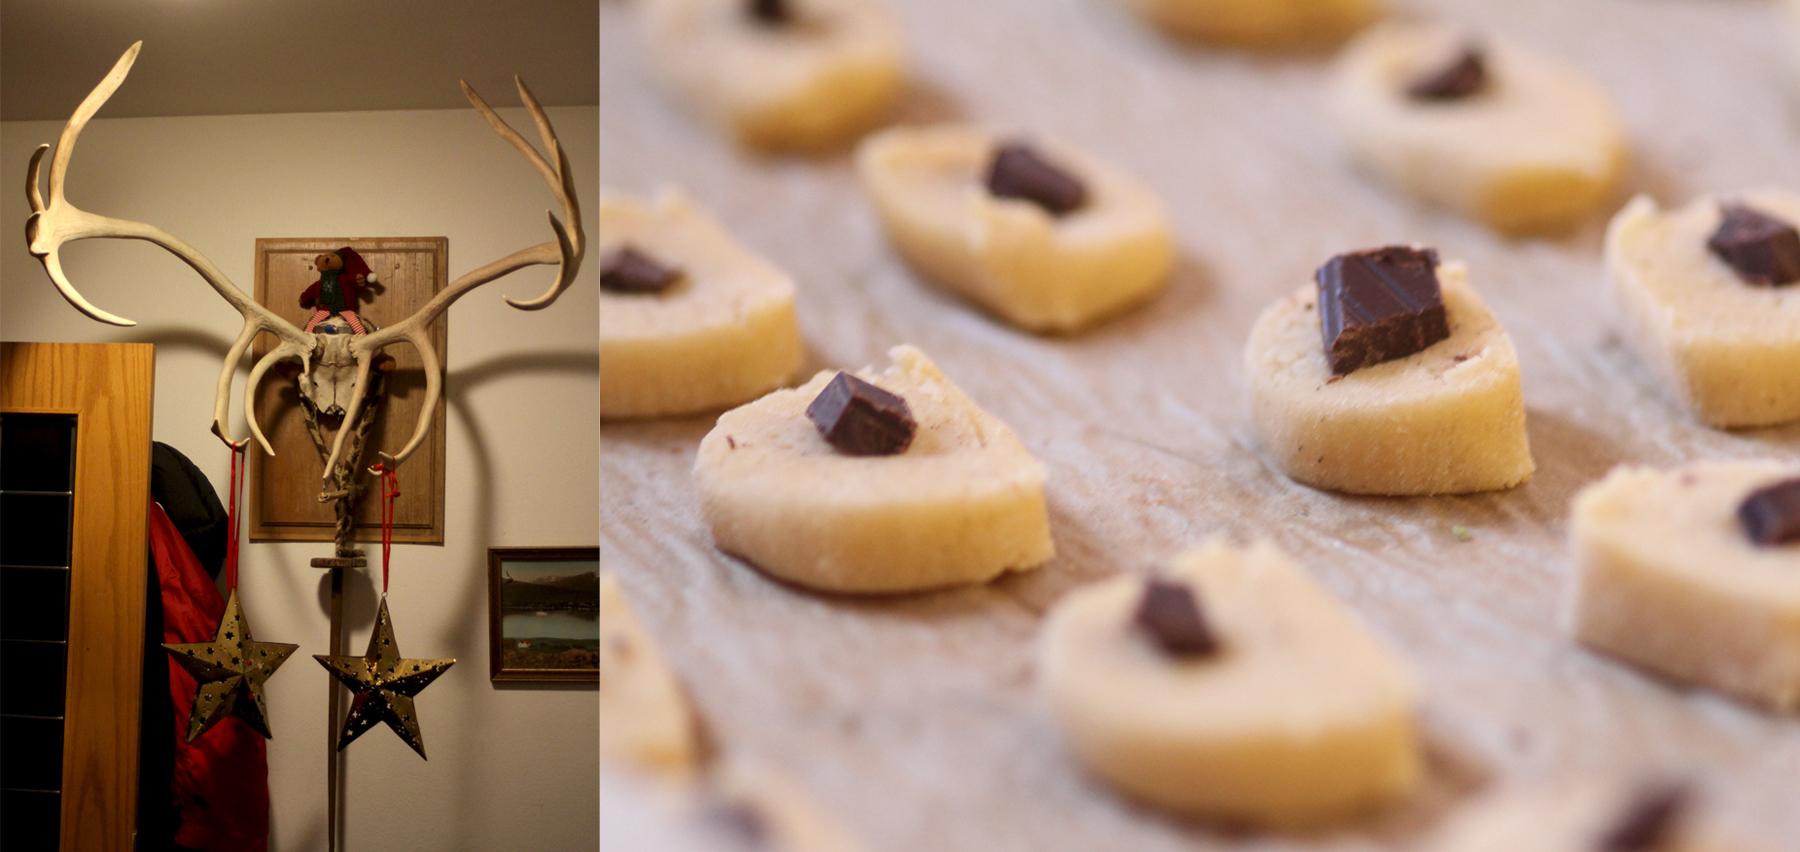 Sapin de Noël et cookies en islande